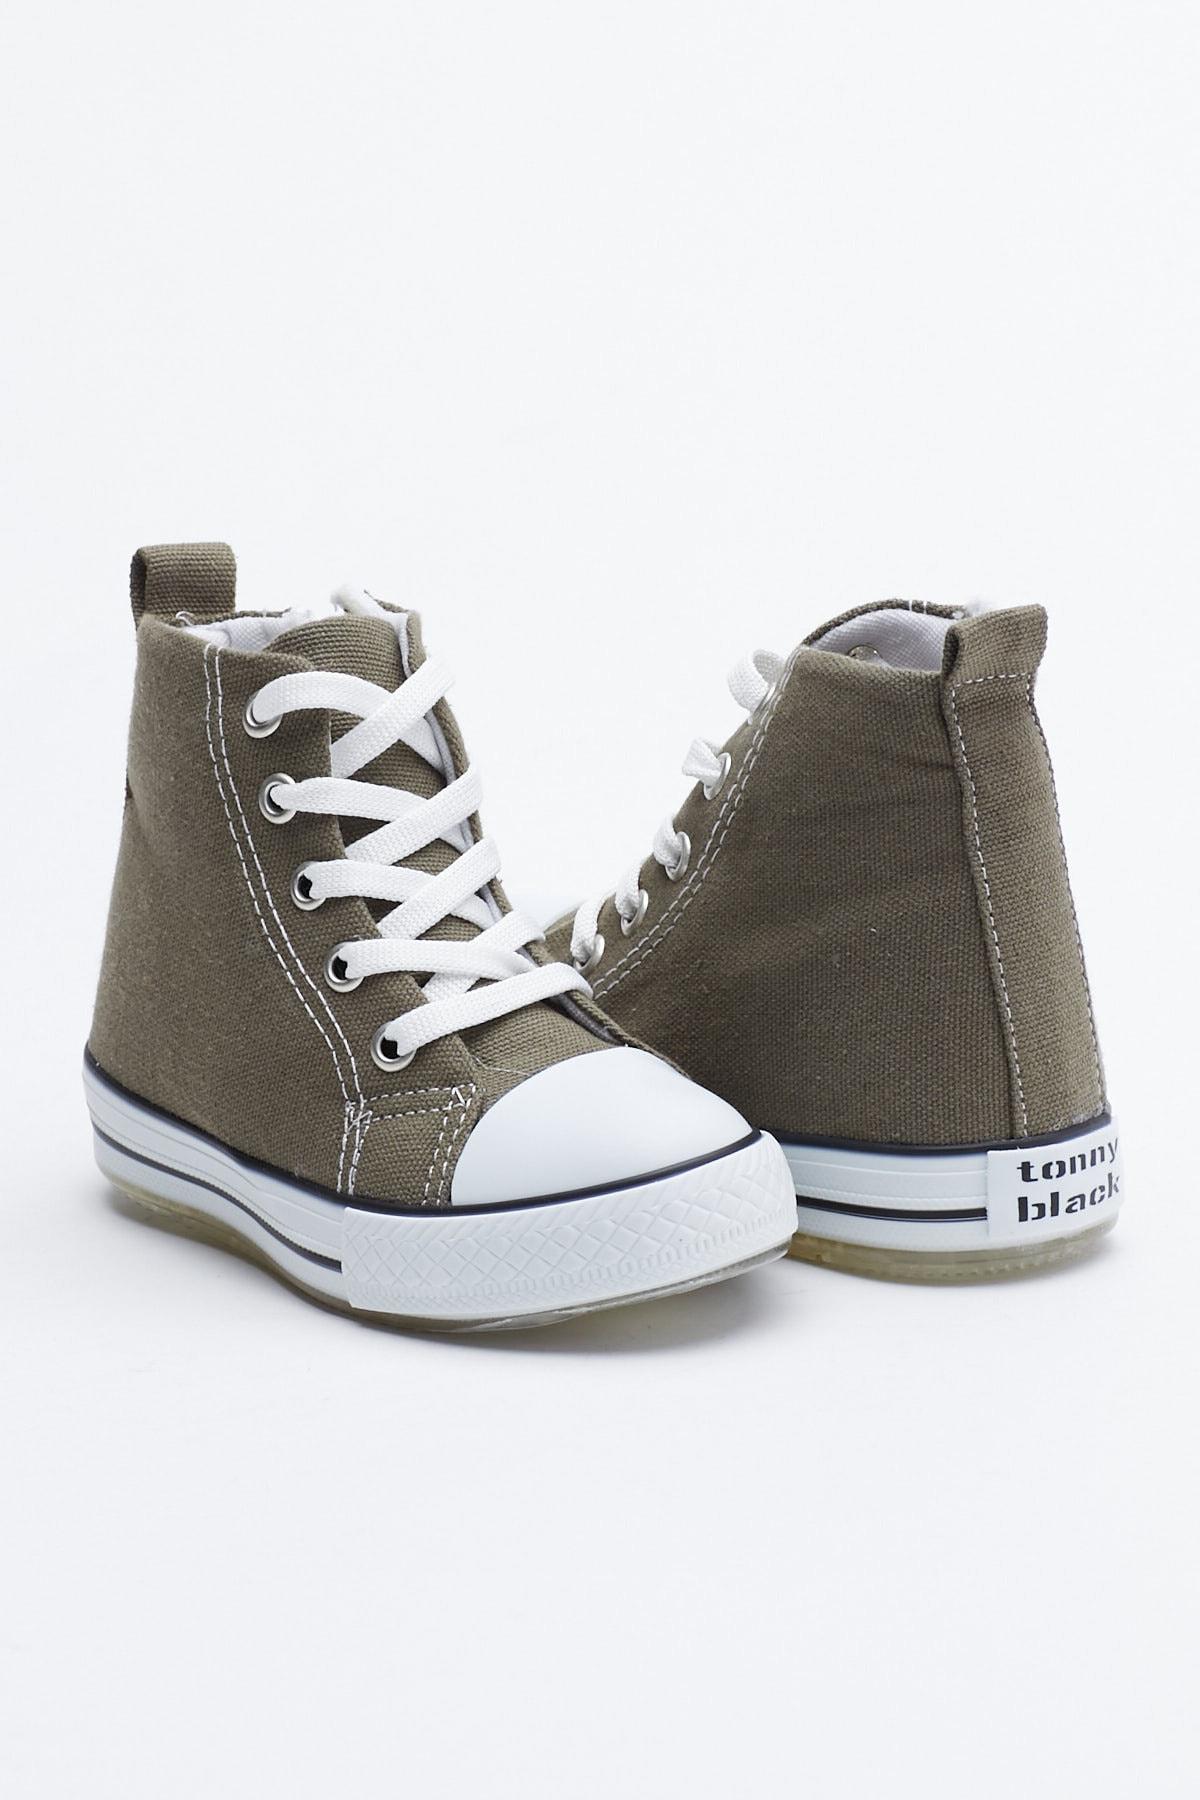 Tonny Black Haki Çocuk Spor Ayakkabı Uzun Tb999 1